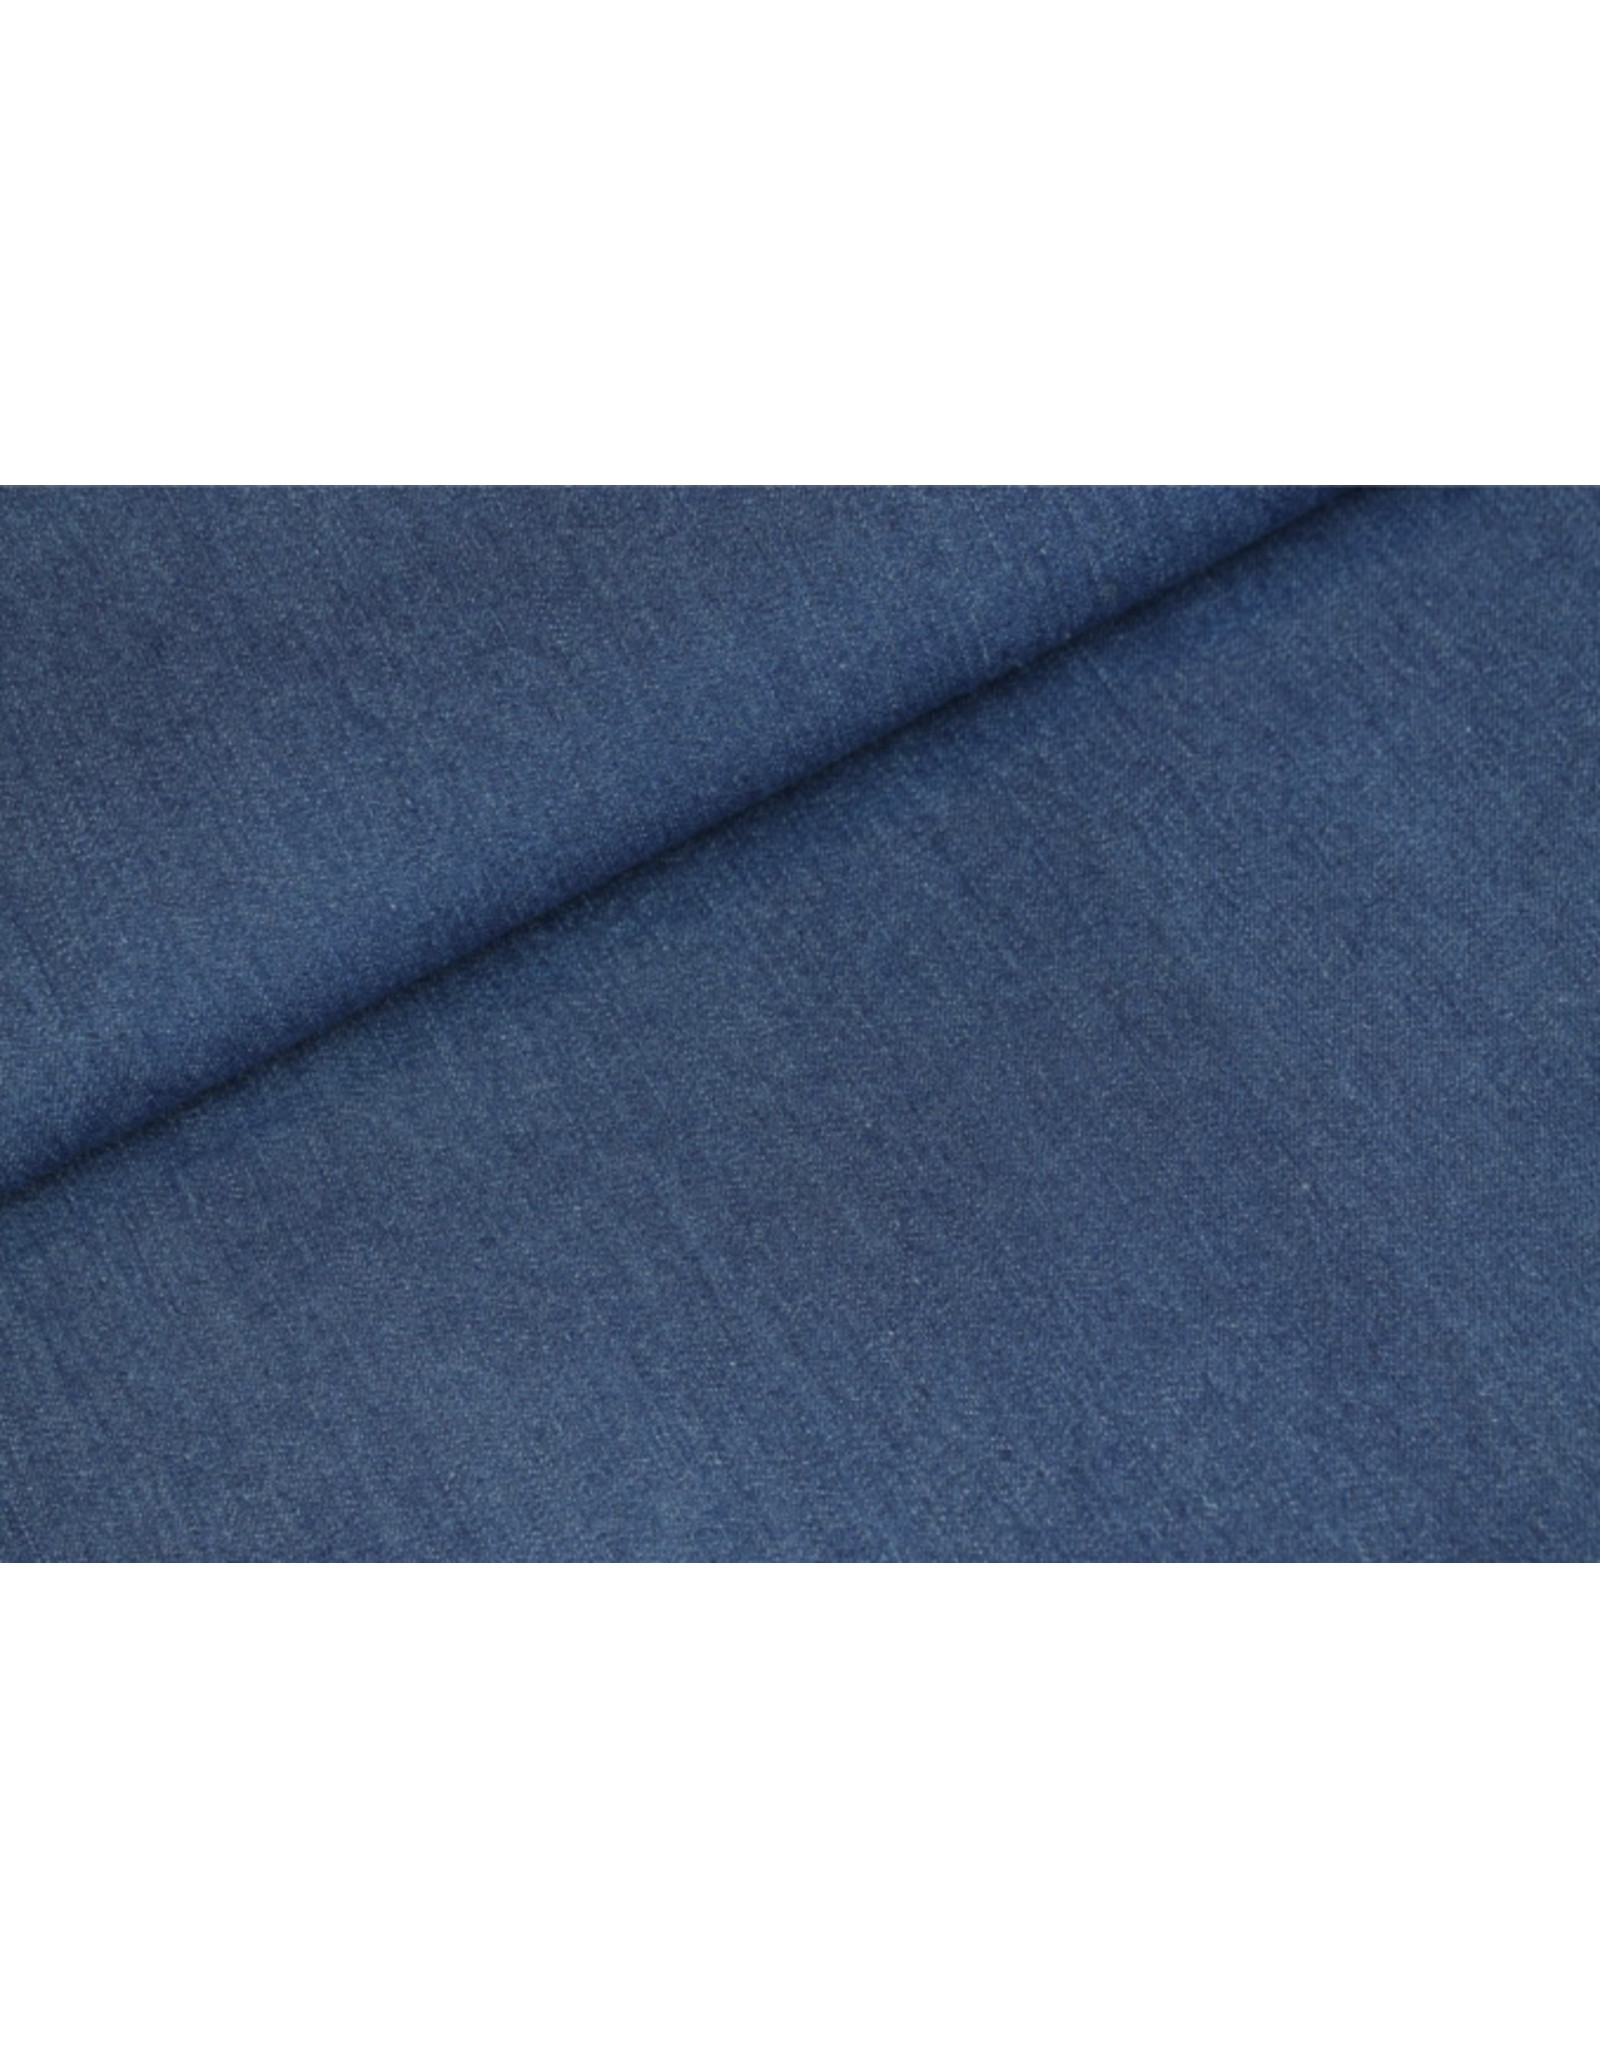 Denim Jeans washed - Light Blue